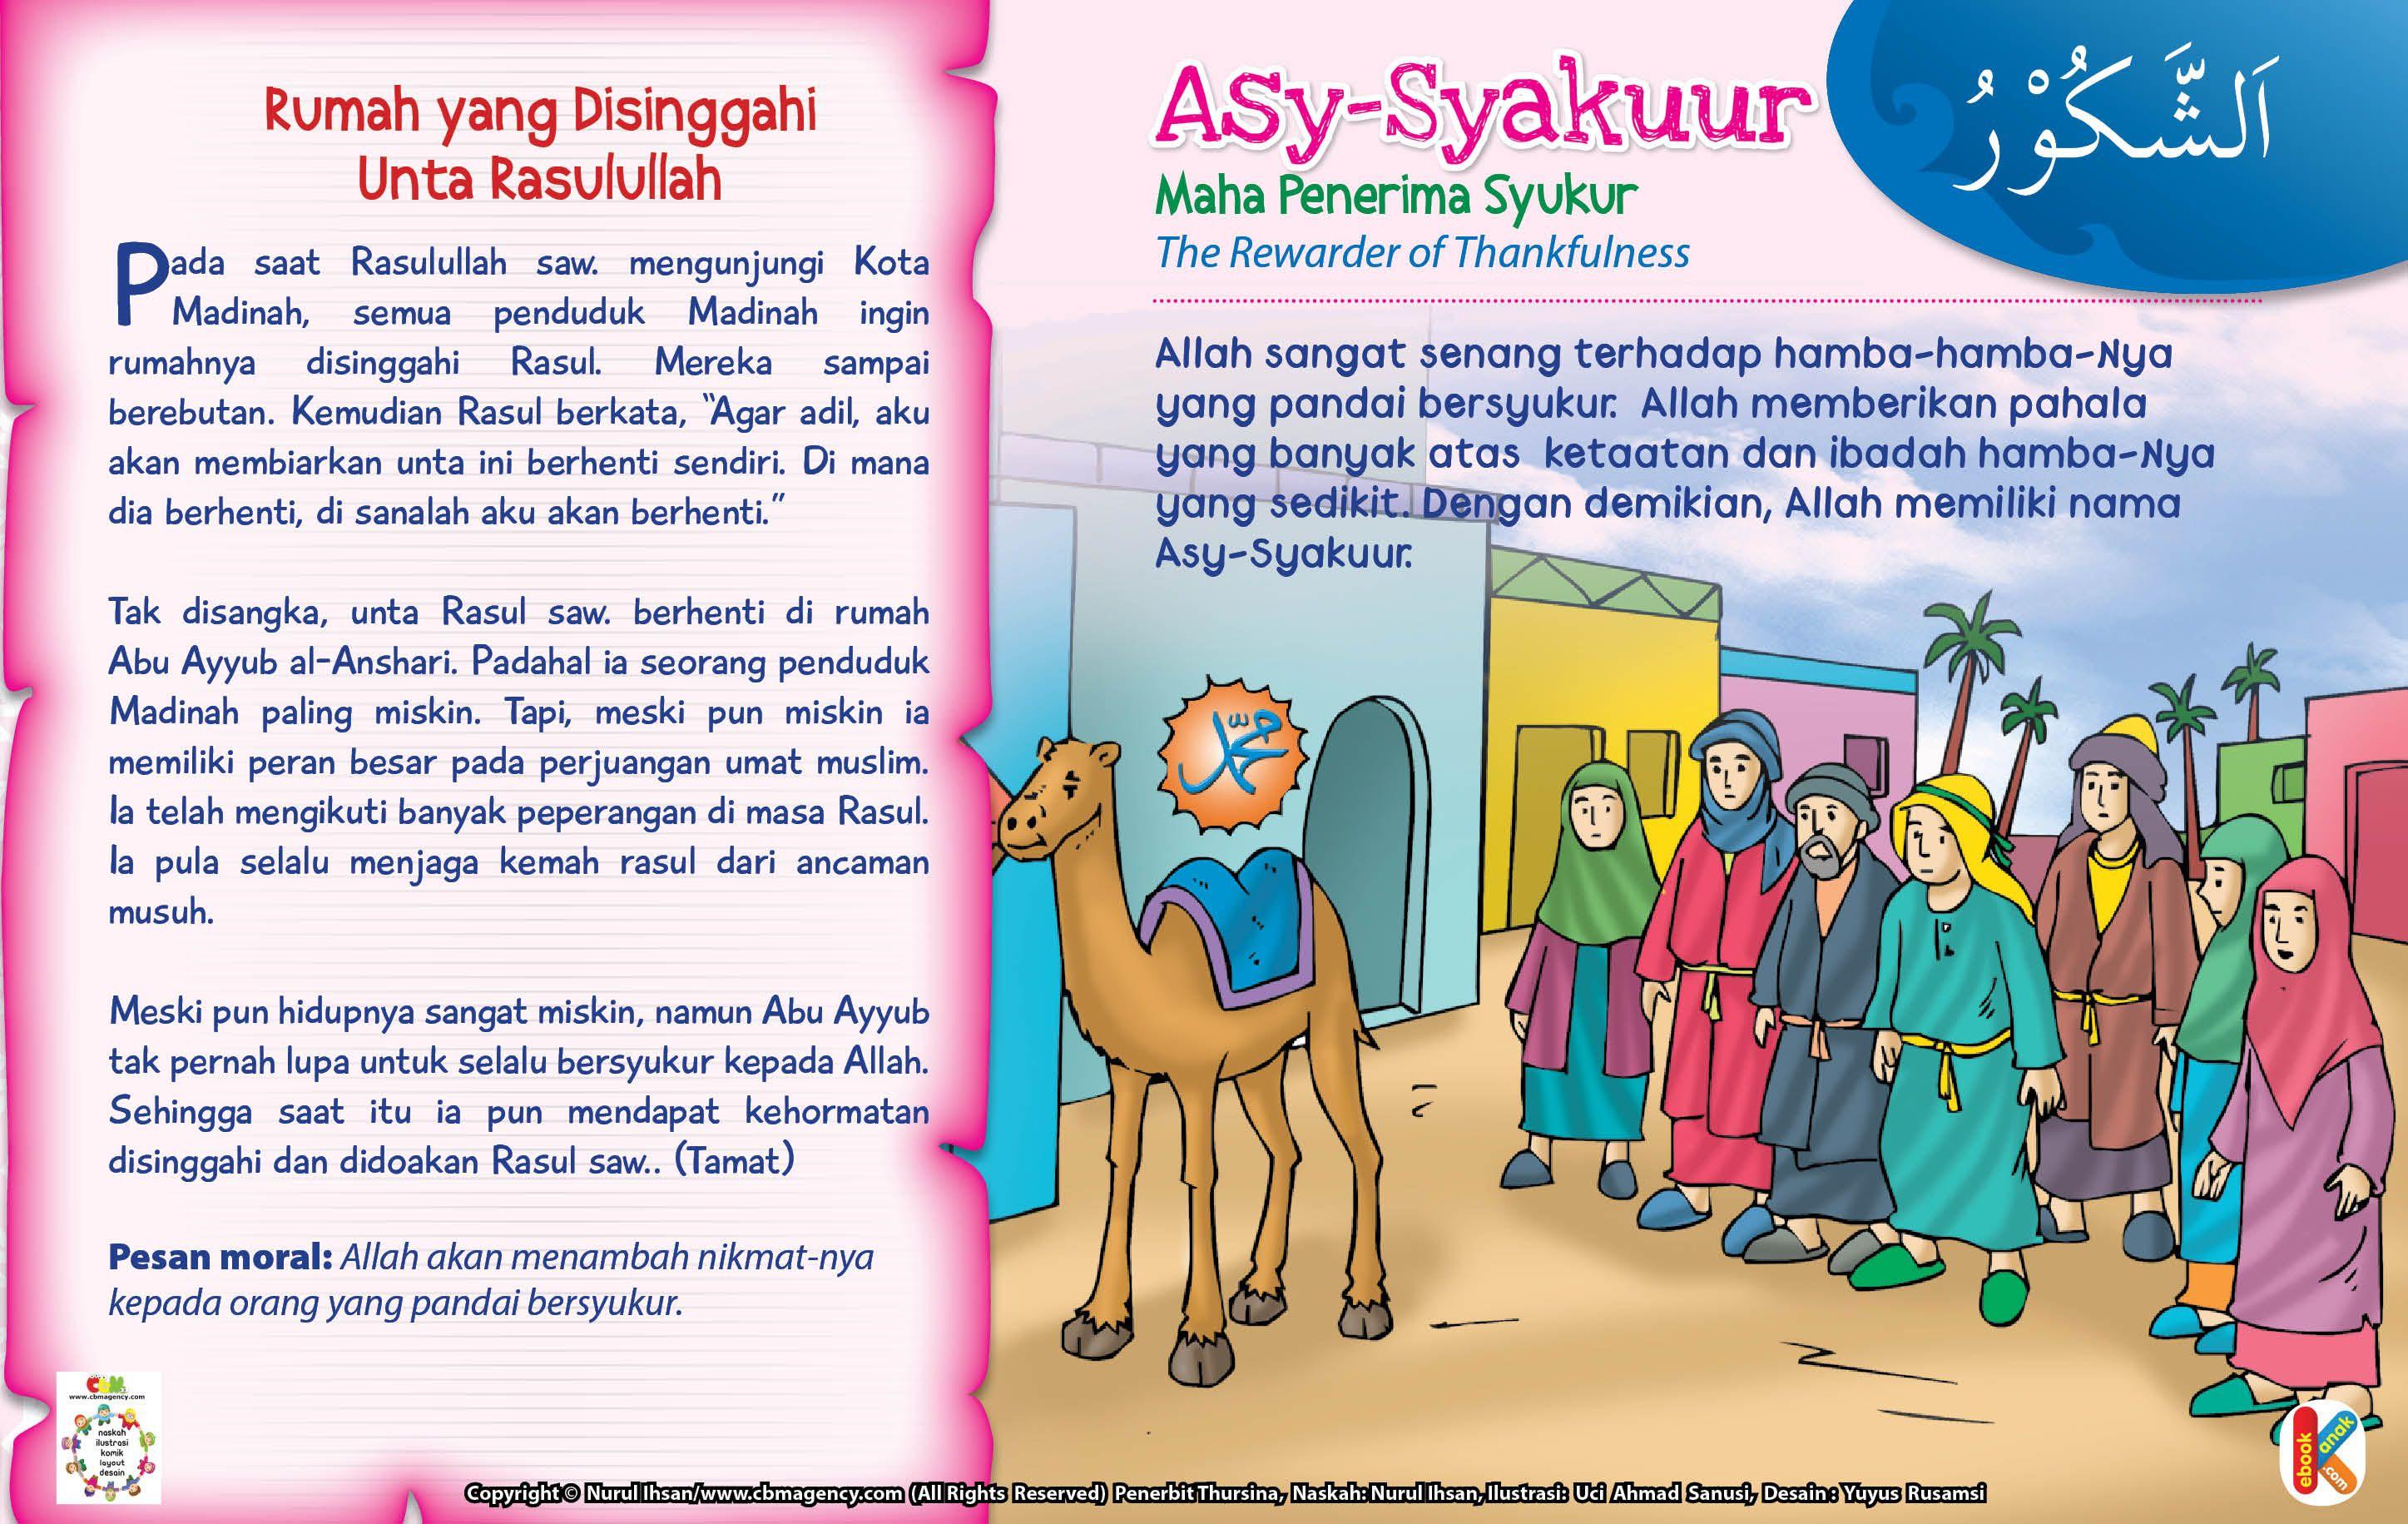 Kisah Asma'ul Husna AsySyakuur Anak, Islam, dan Kota